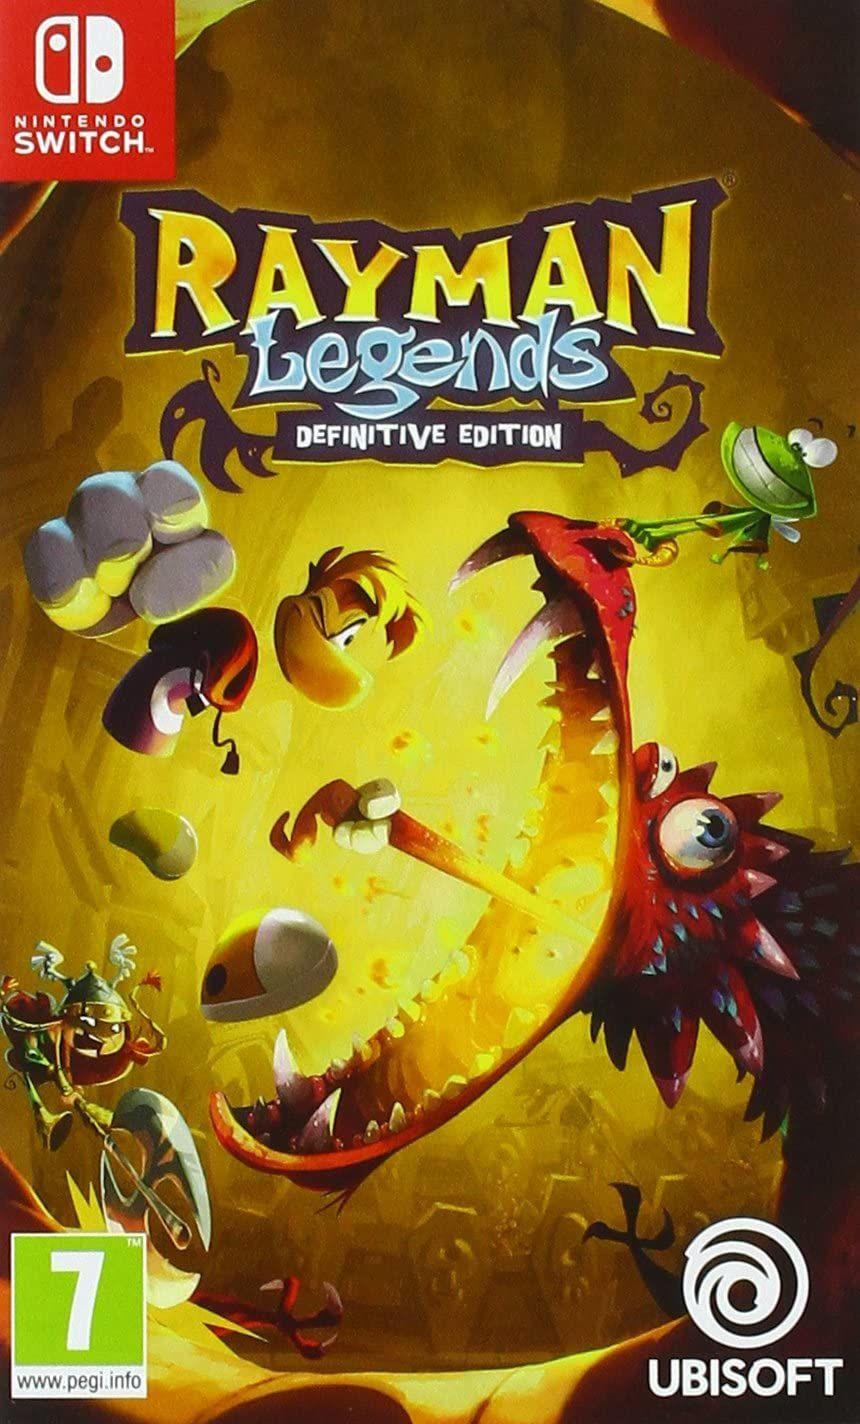 [Précommande] Jeu Rayman Legends Definitive Edition sur Nintendo Switch (Dématérialisé)